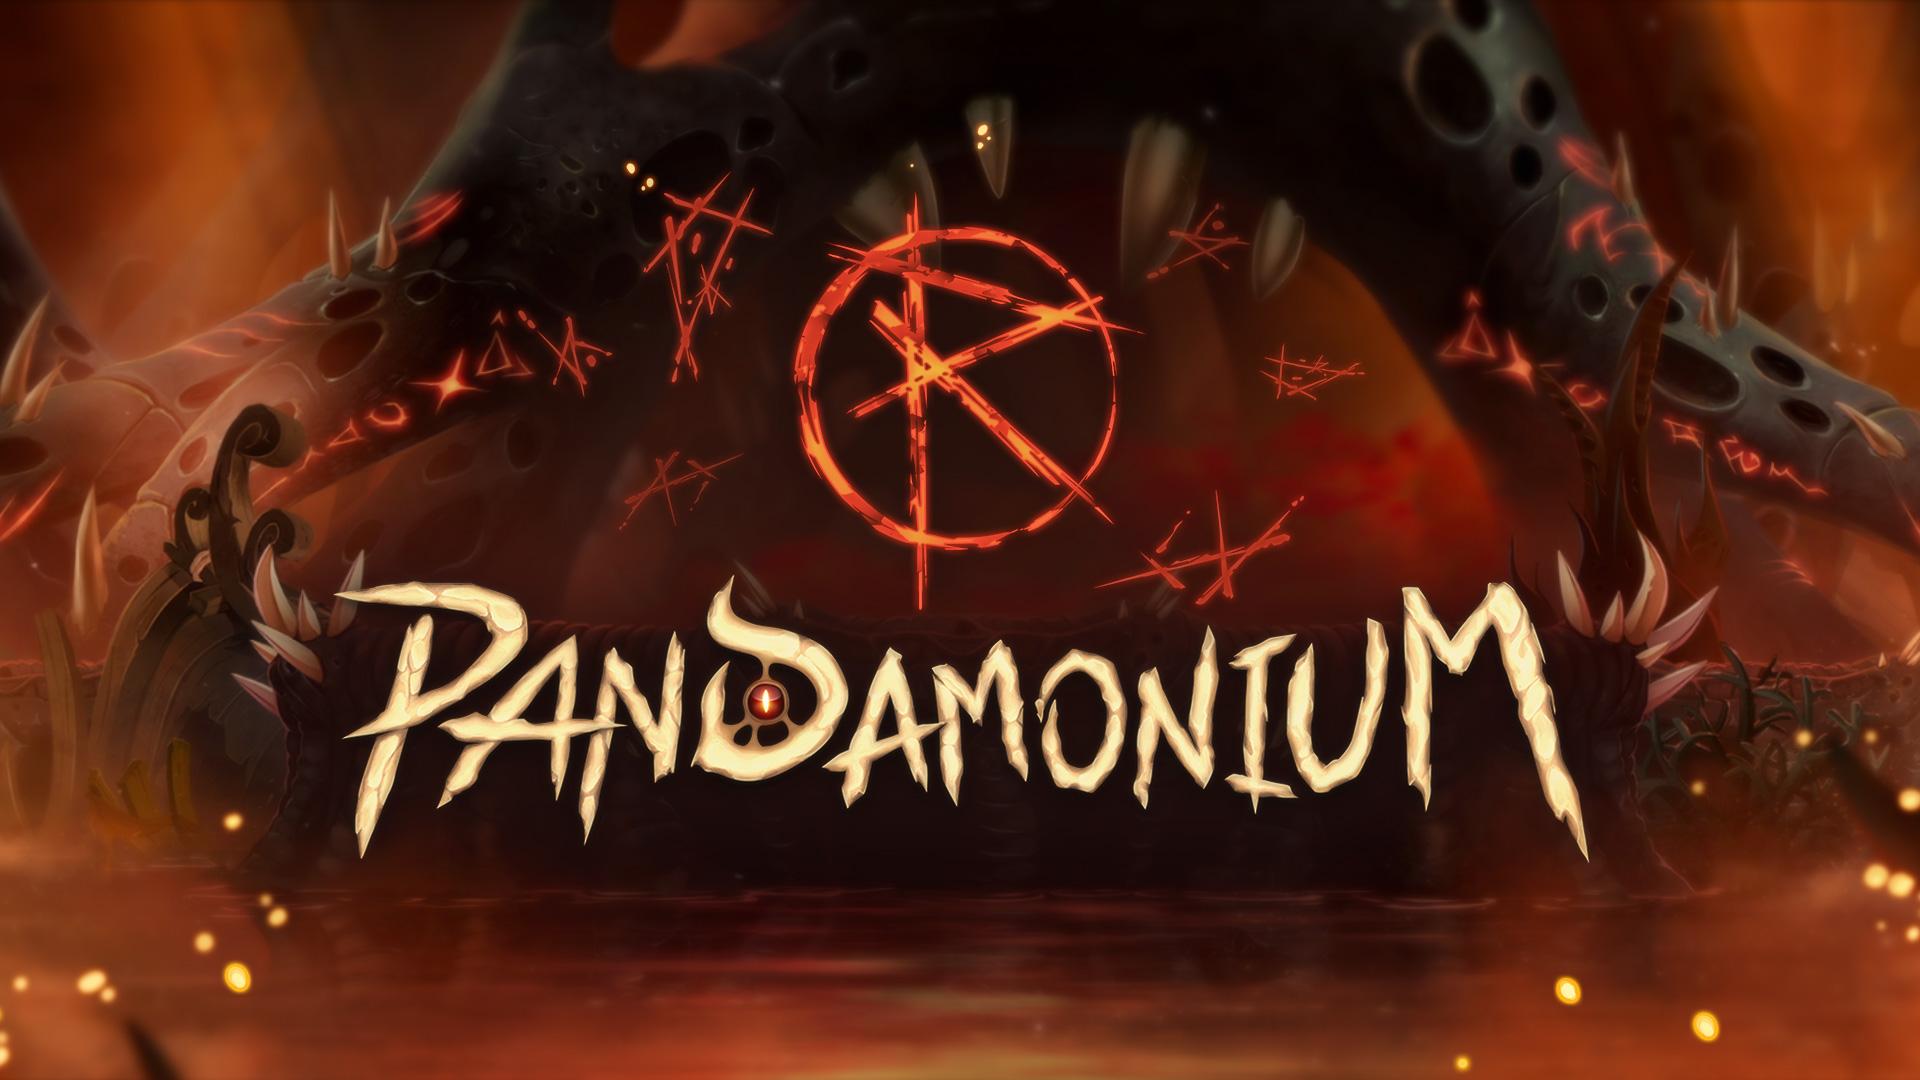 DOFUS 2.60 : Résumé de la mise à jour, récap patch Pandamonium, date de sortie